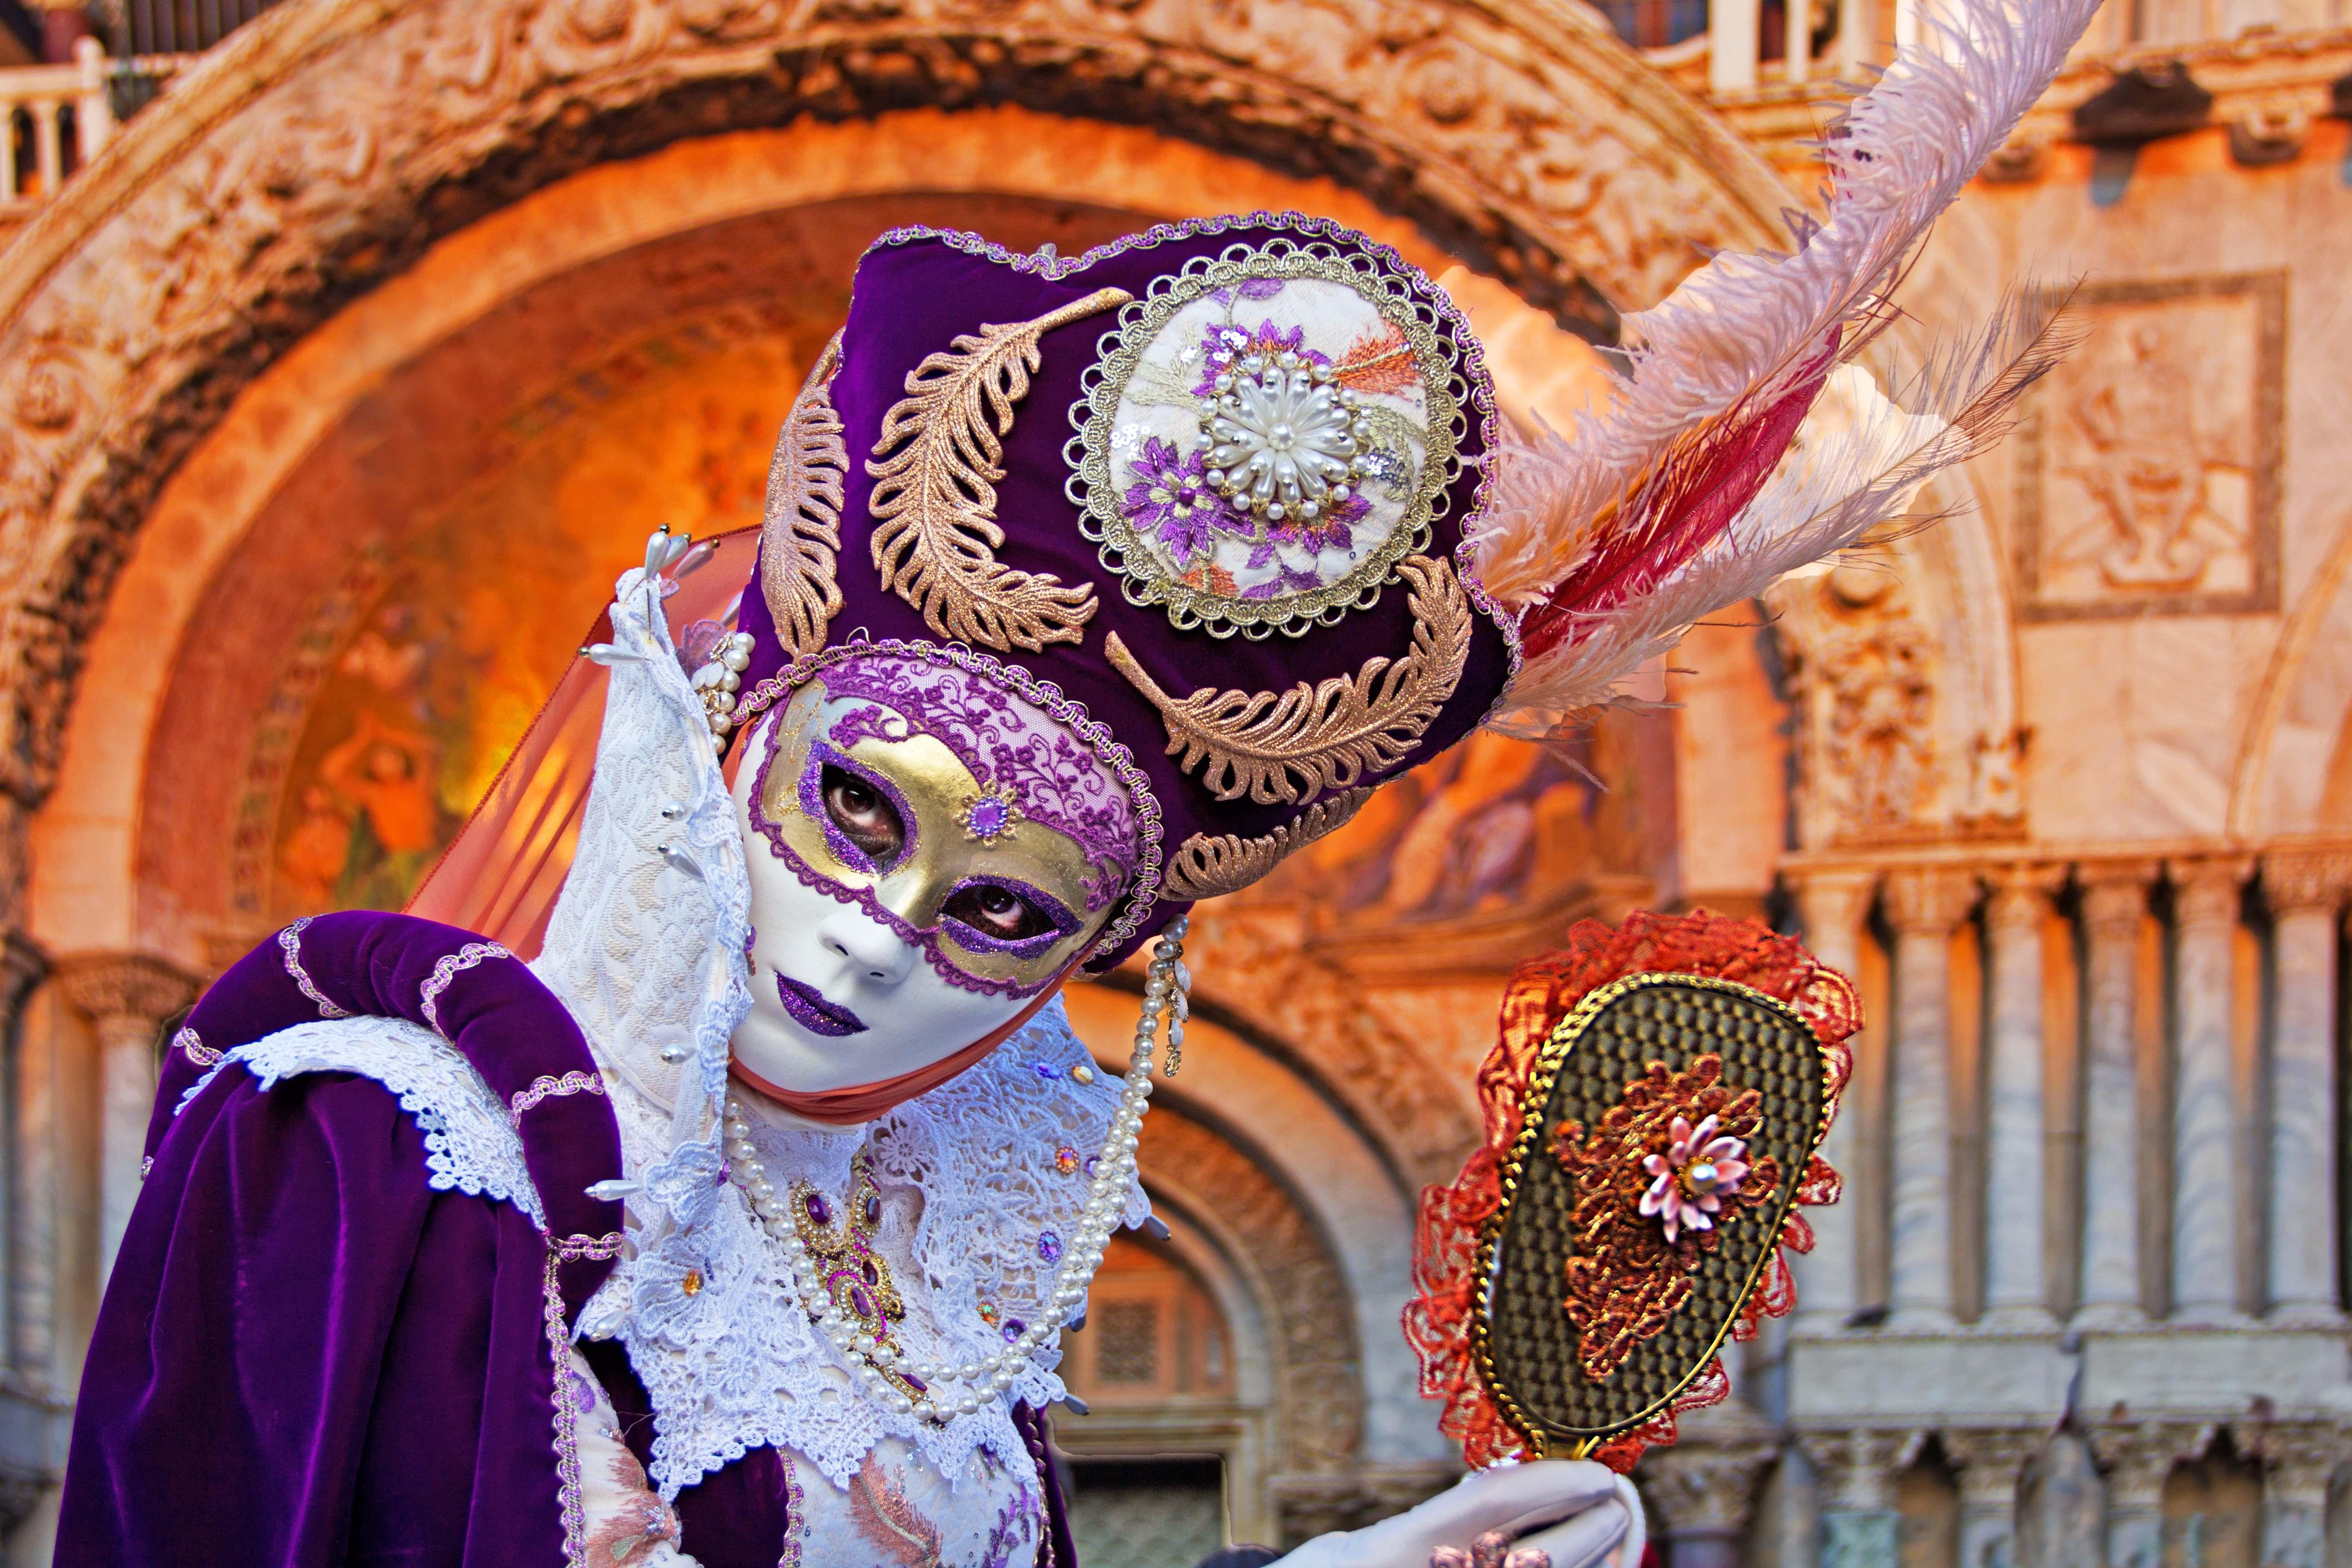 IMG_9610 San Marco carnevale printed